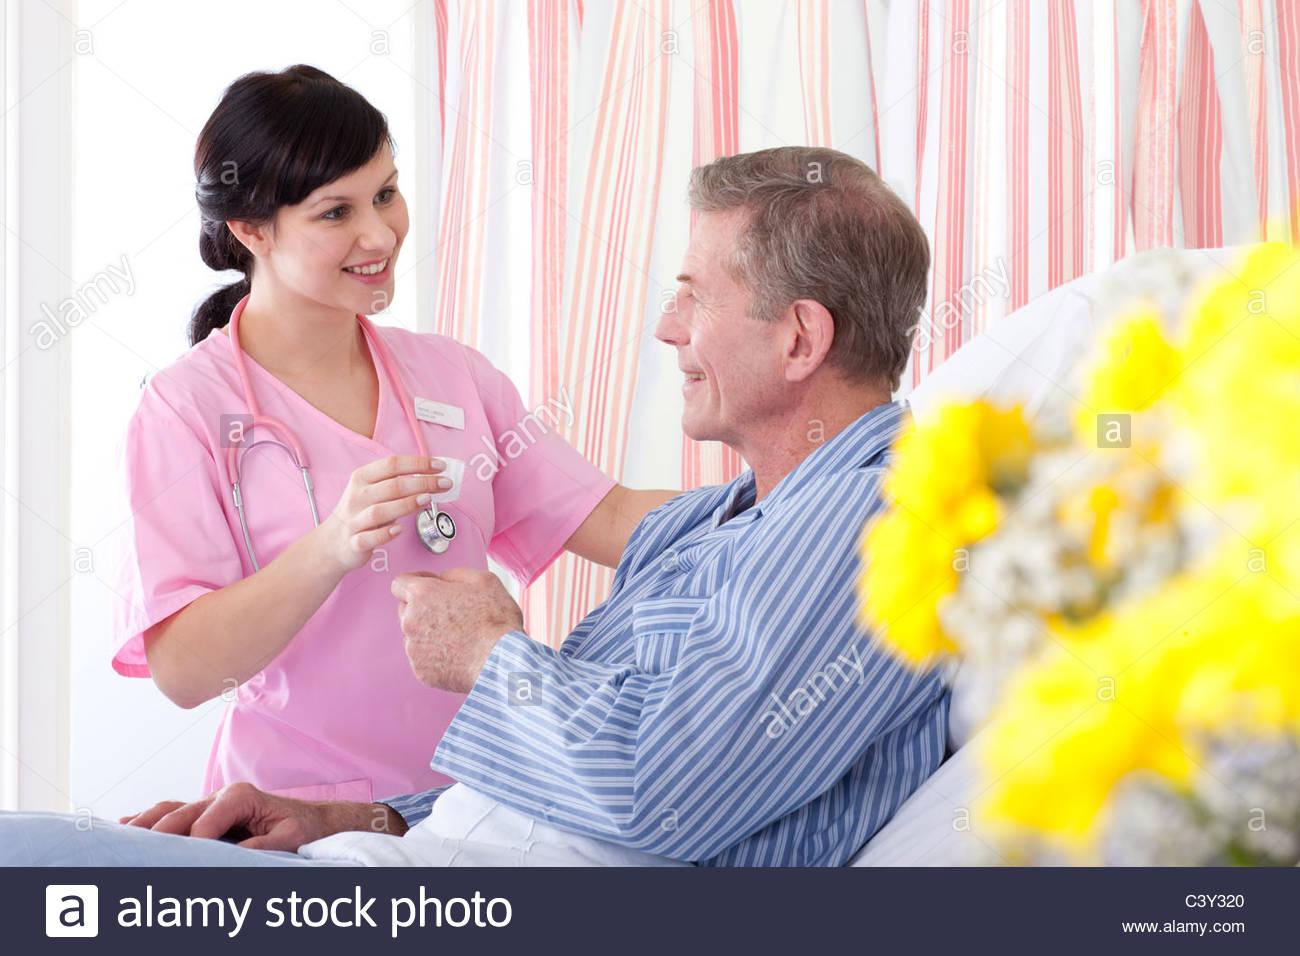 Infirmière à l'hôpital de la médication des patients donnant Photo Stock